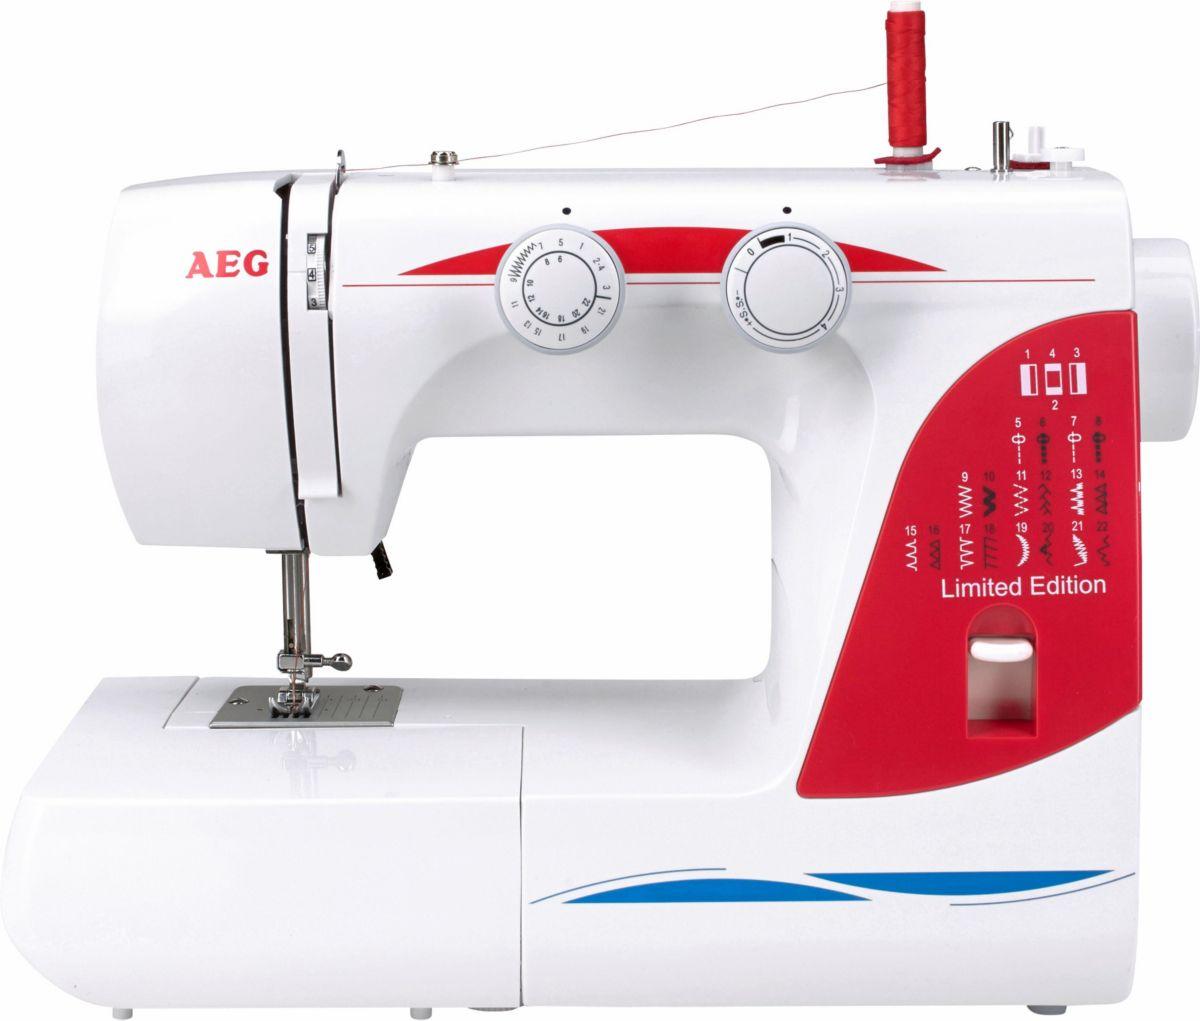 AEG Nähmaschine AEG 124, 26 Programme, mit Zubehör